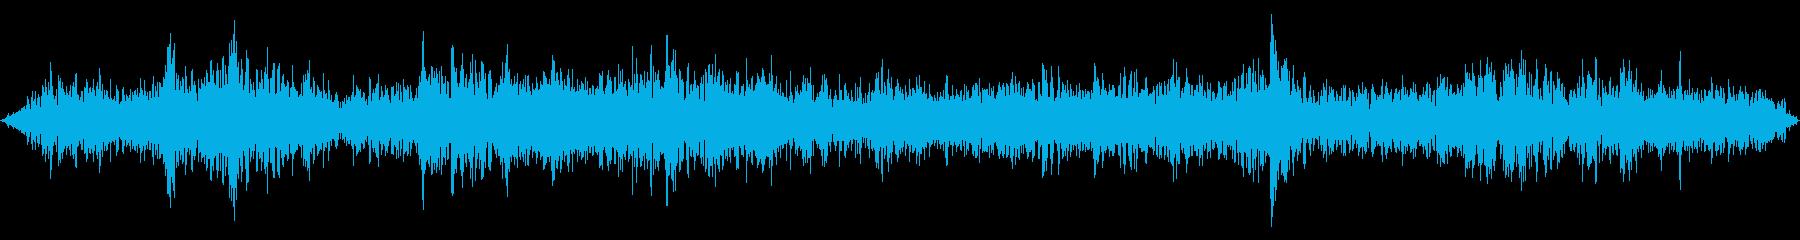 バス発車(若干話し声がする)の再生済みの波形